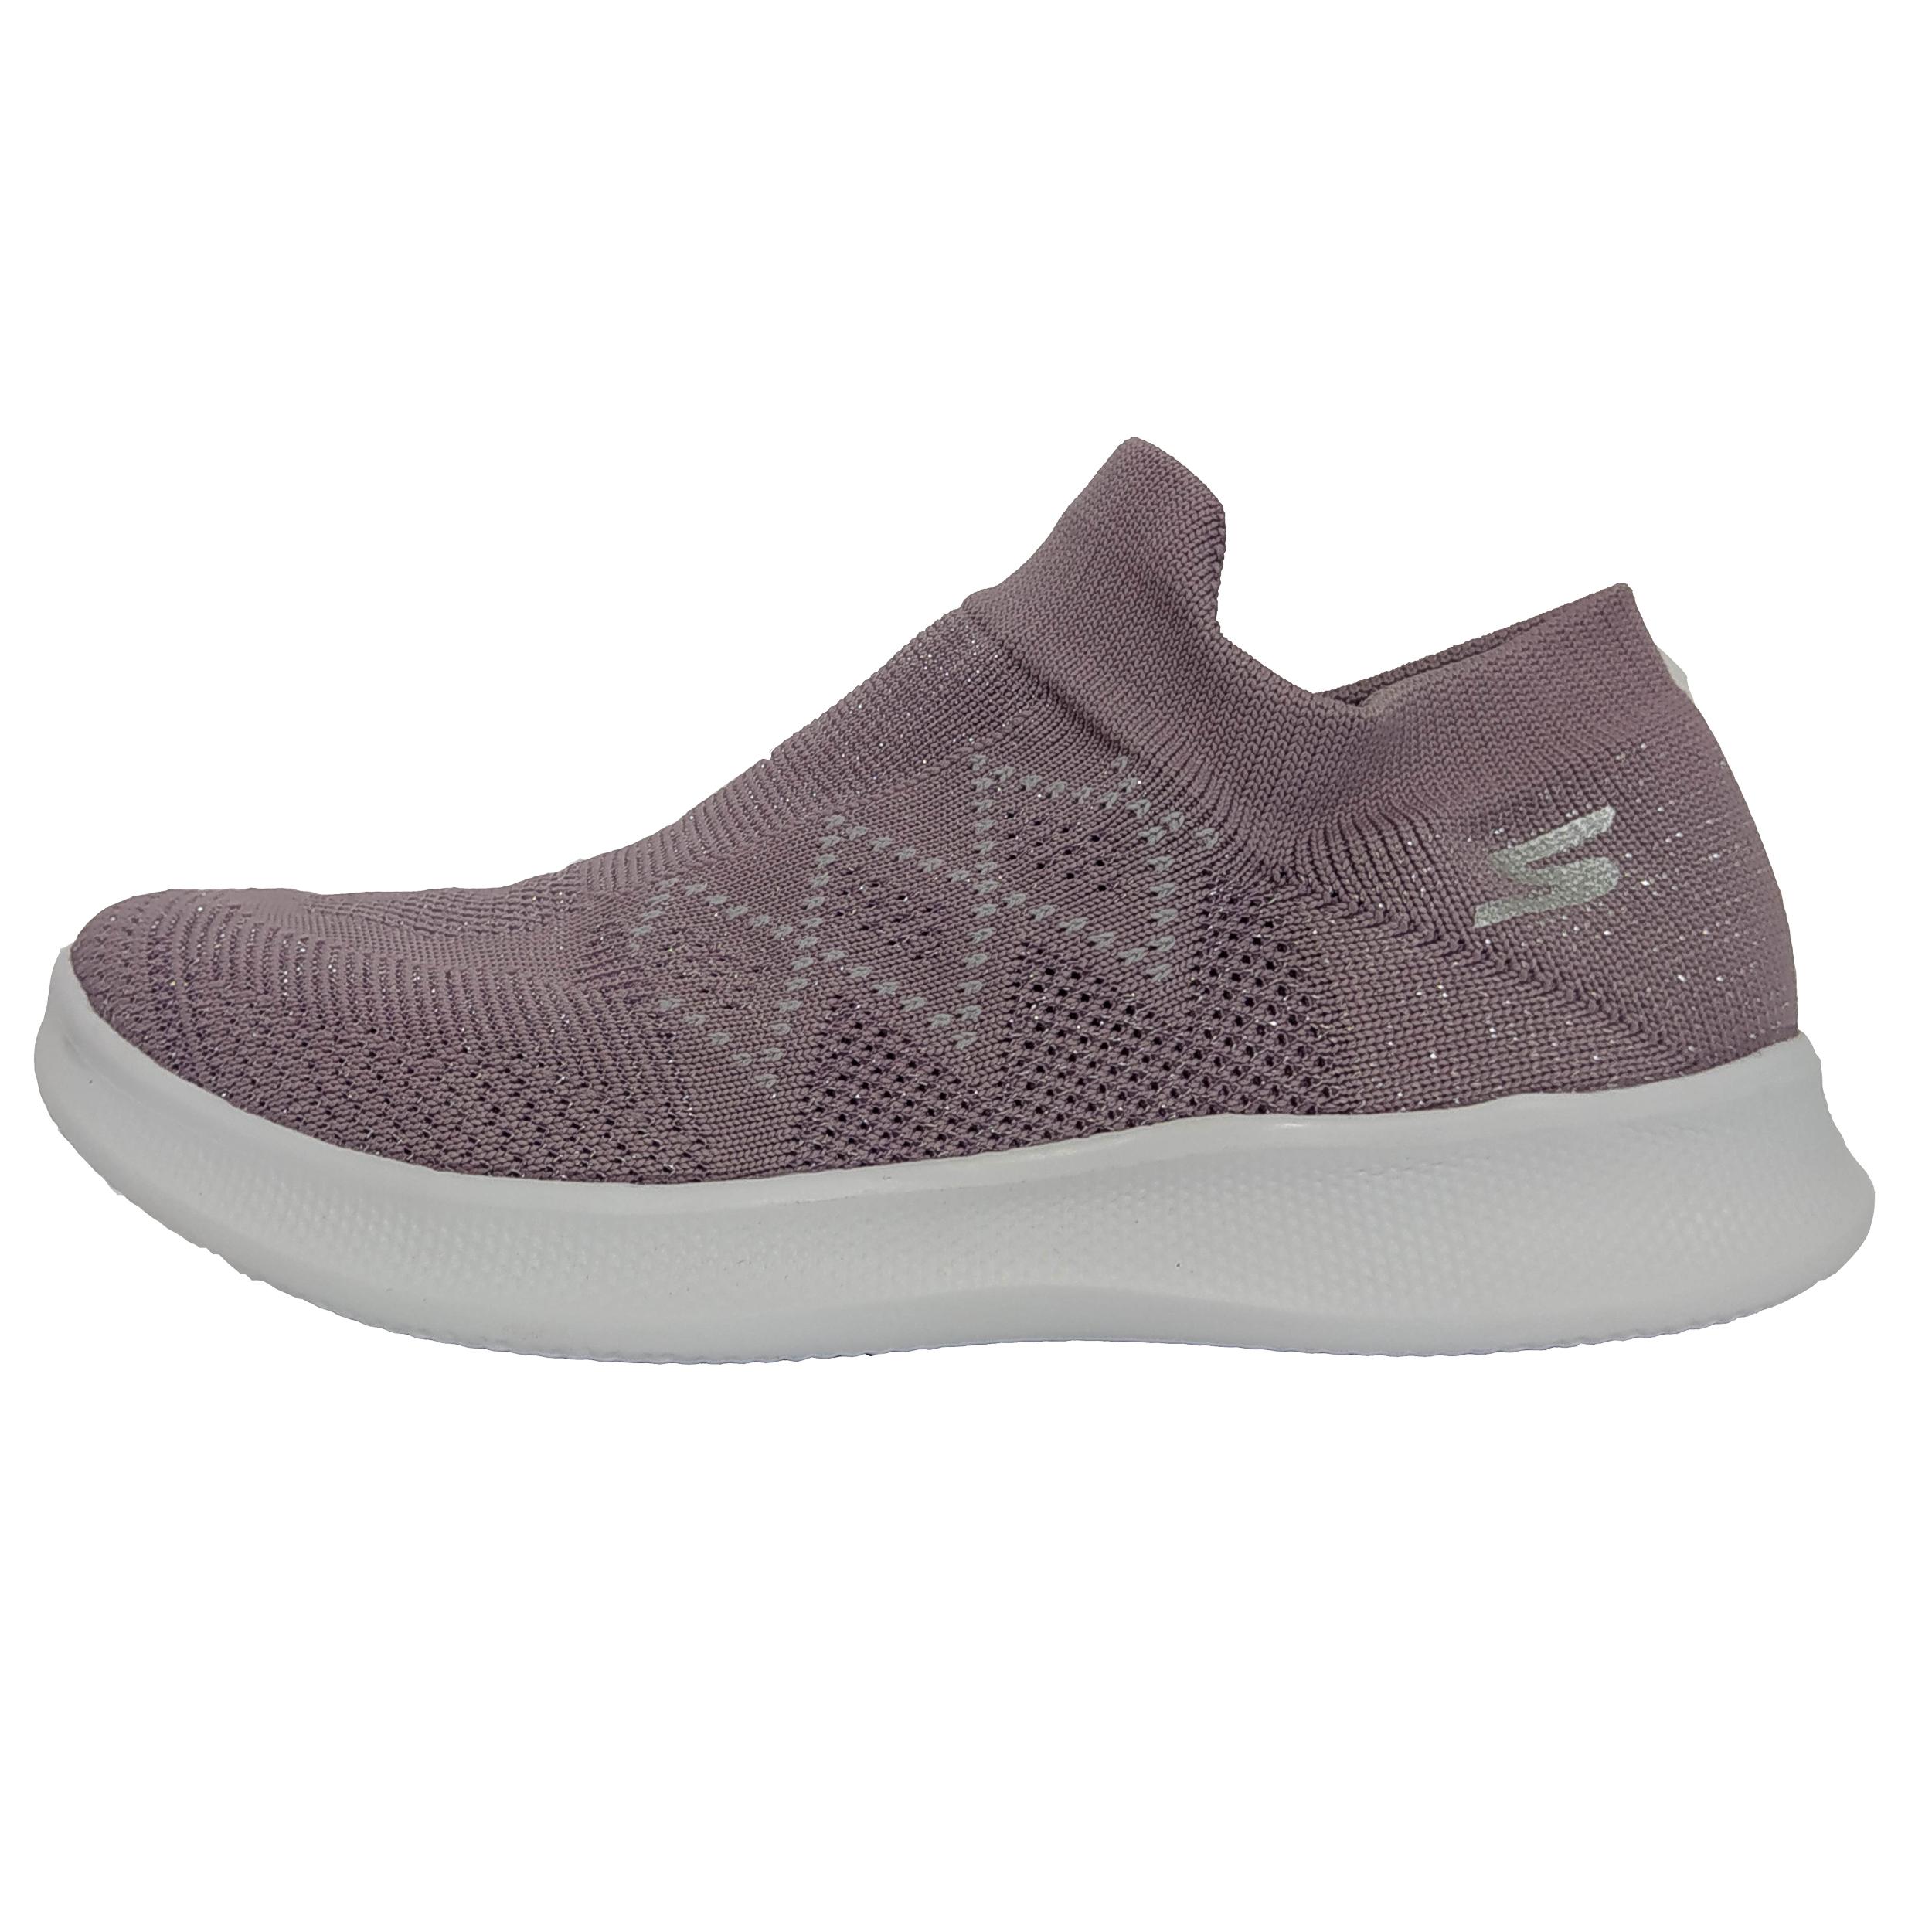 کفش پیاده روی زنانه اسکچرز مدل GO WALK L51              خرید